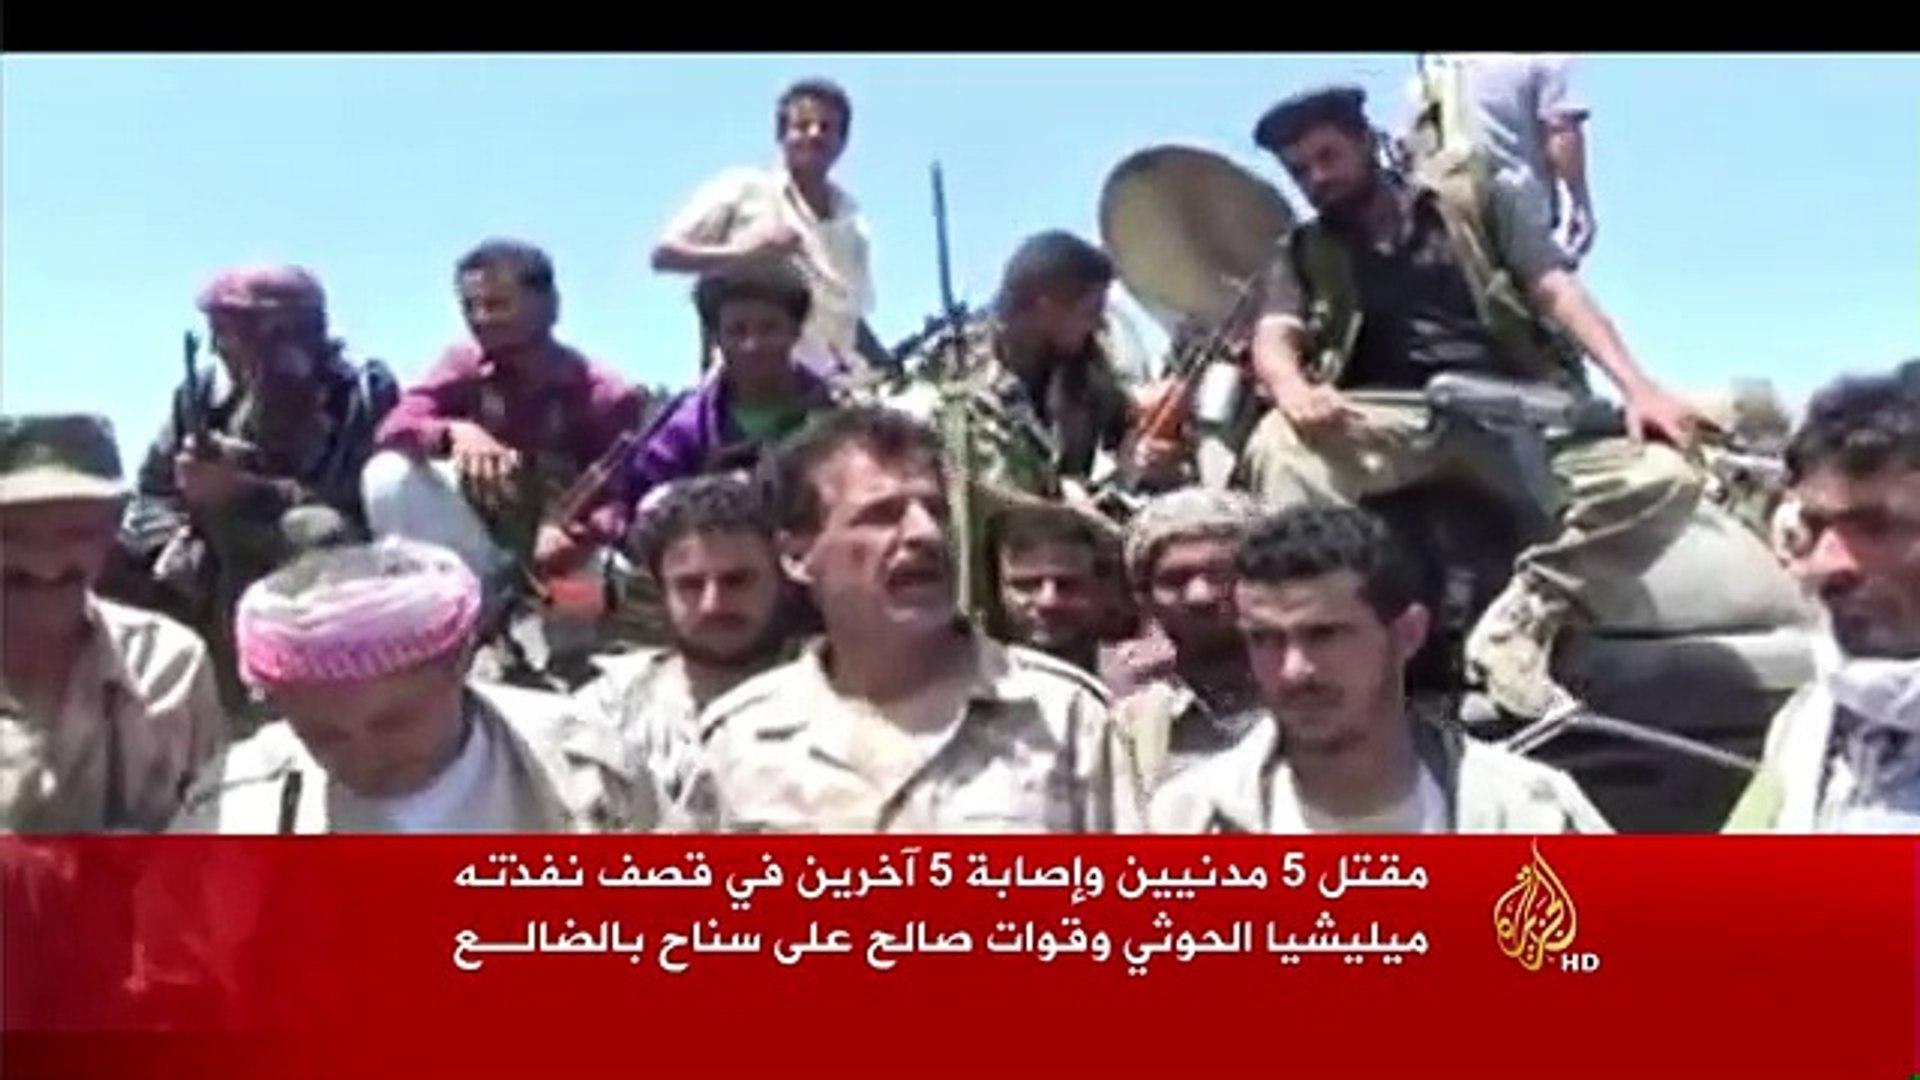 مقتل 5 مدنيين بقصف للحوثيين على سناح بالضالع Aljazeera arab news